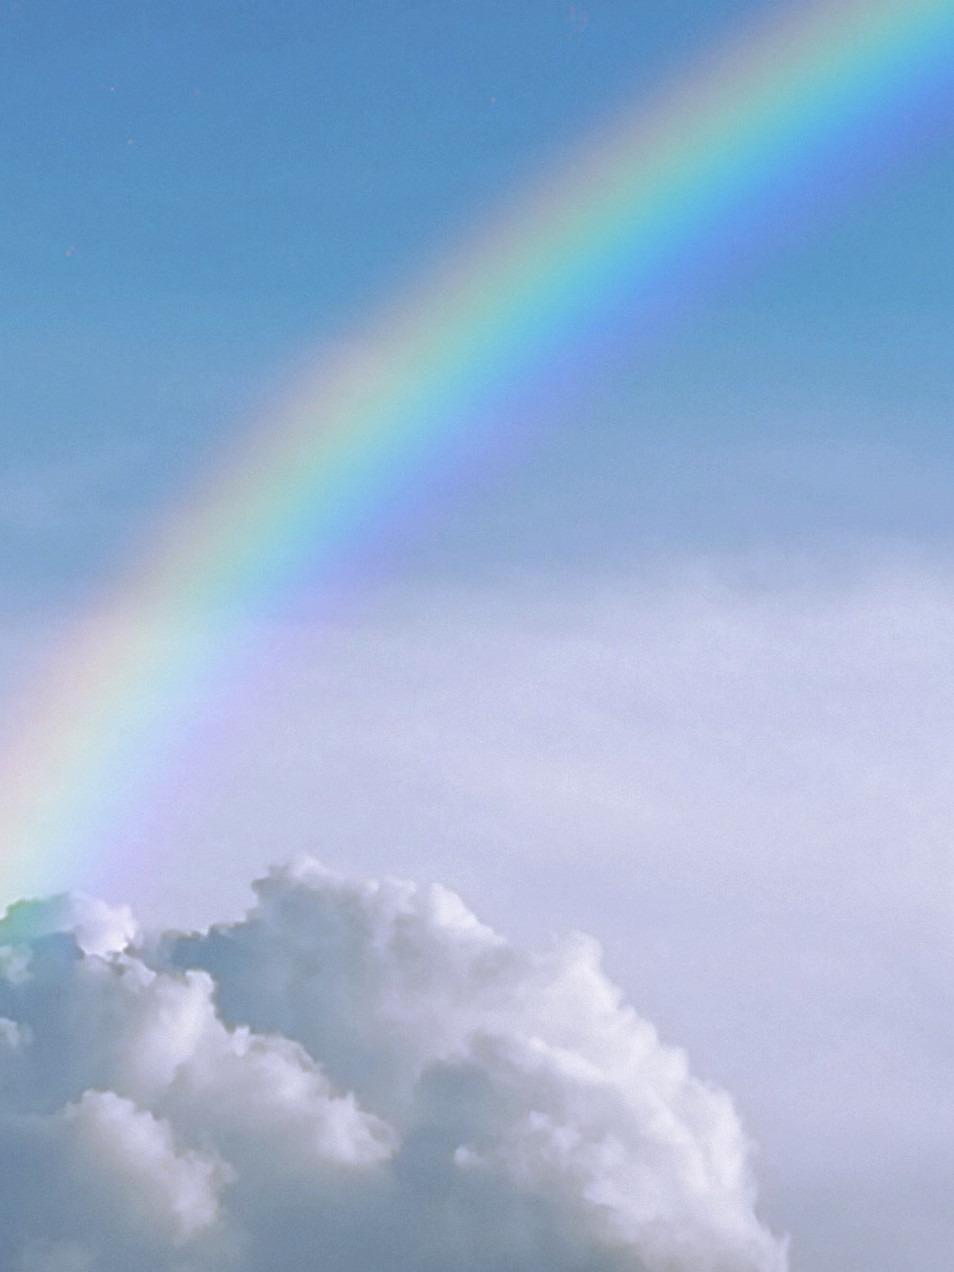 空 雲 月 素材 壁紙 82655547 完全無料画像検索のプリ画像 Bygmo